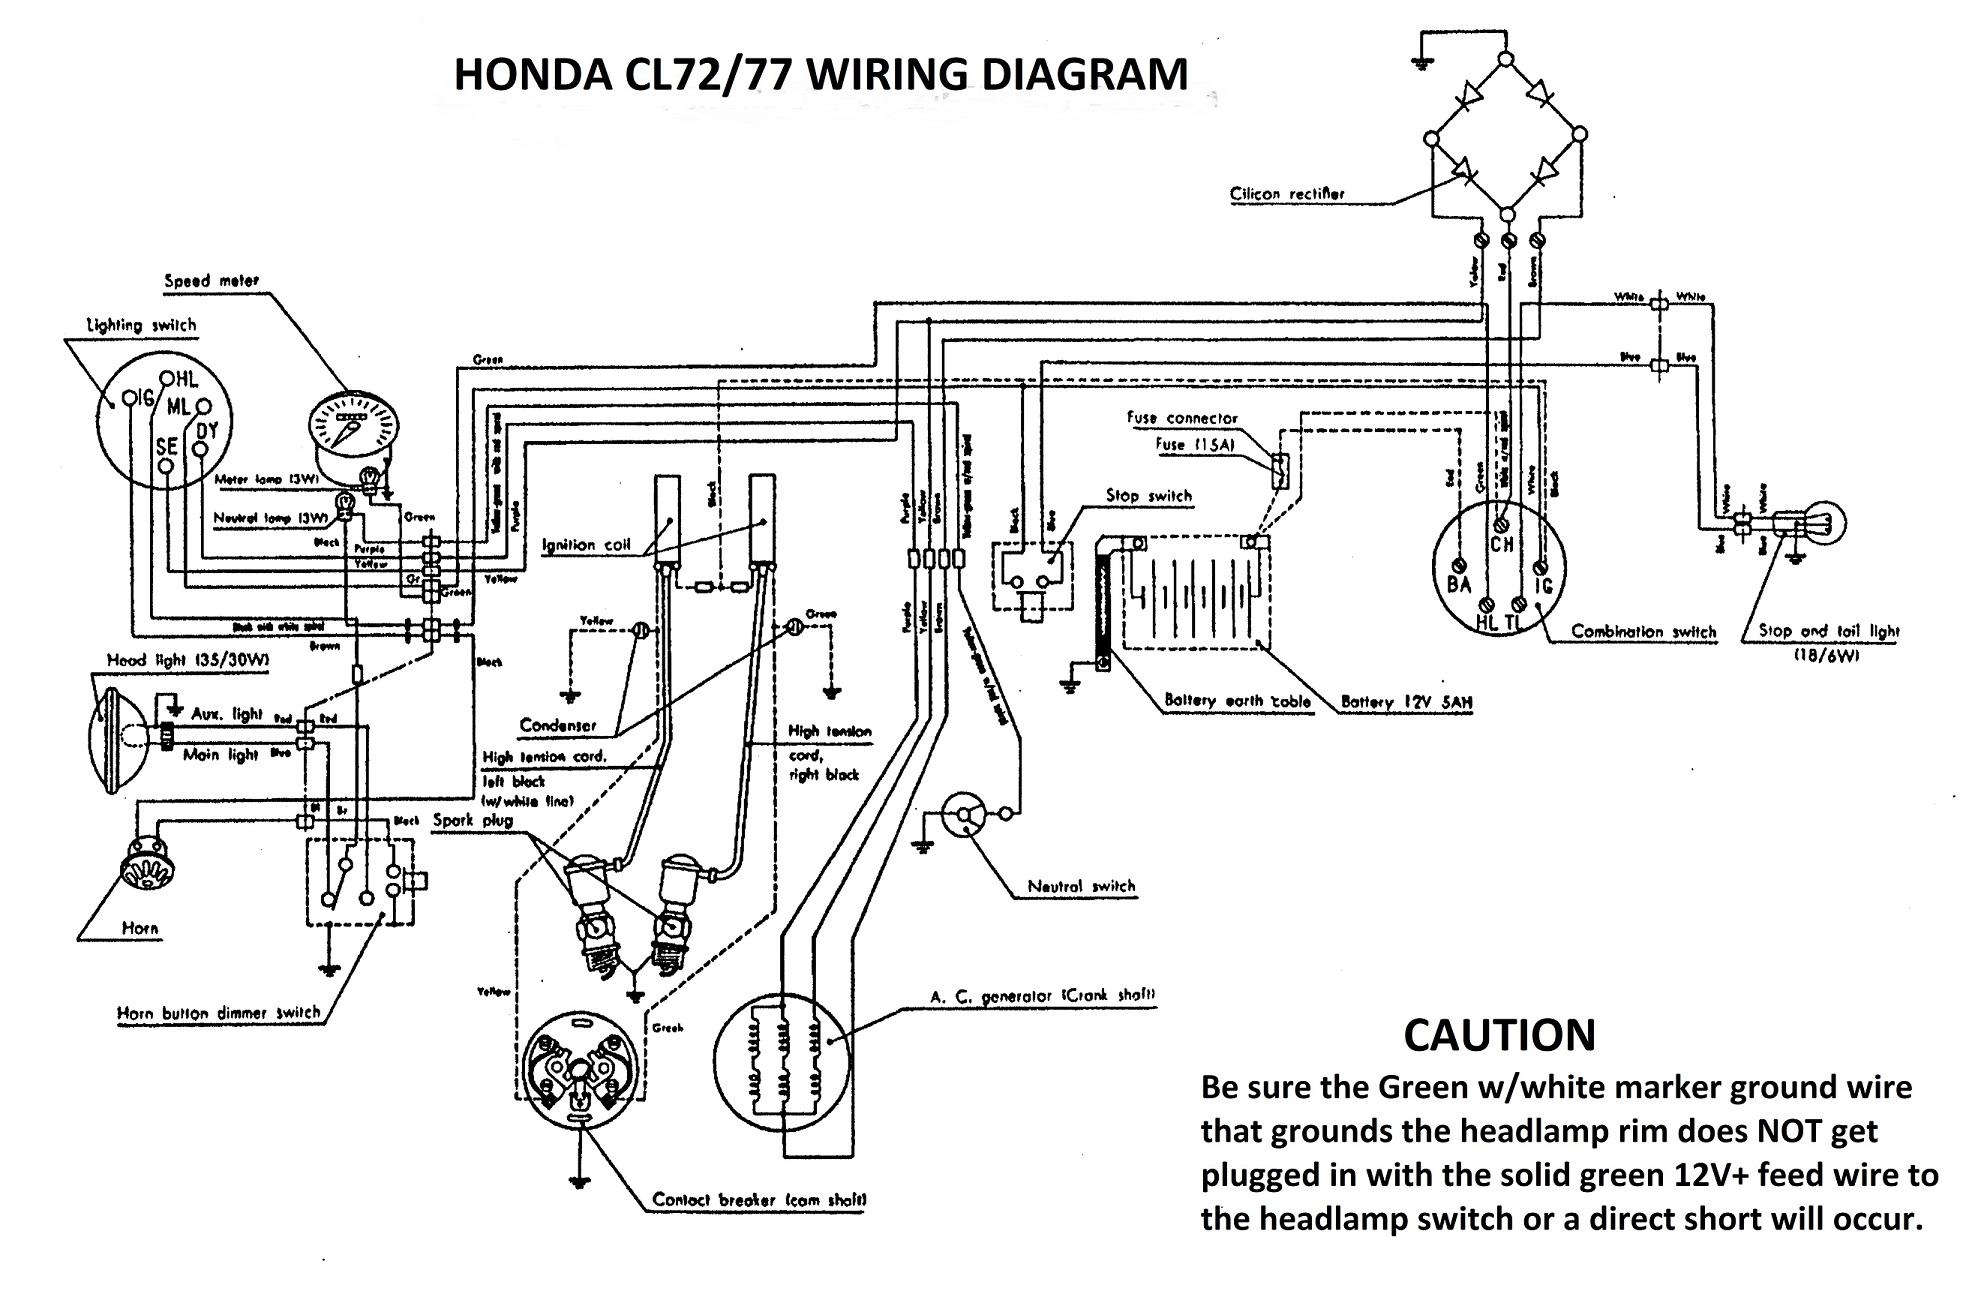 Honda305 Forum View Topic